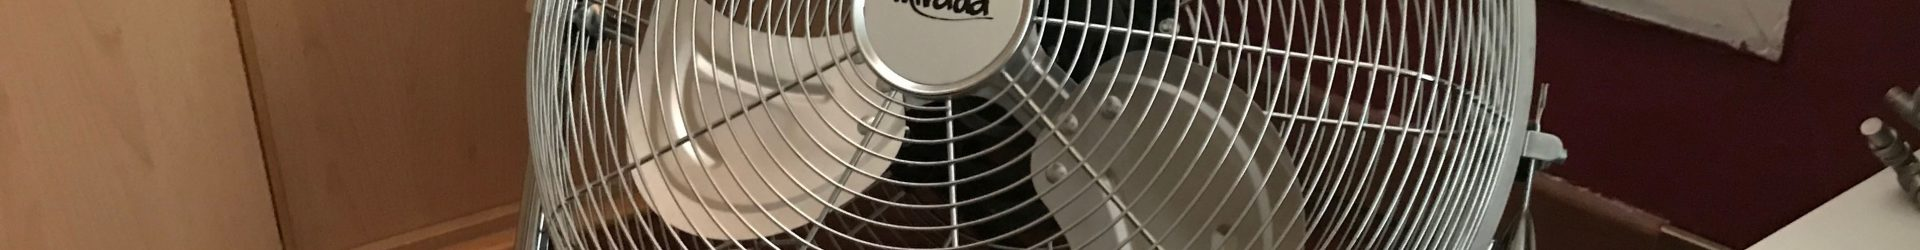 Controllare un ventilatore sulla base di un range termico tramite Home Assistant (v2)